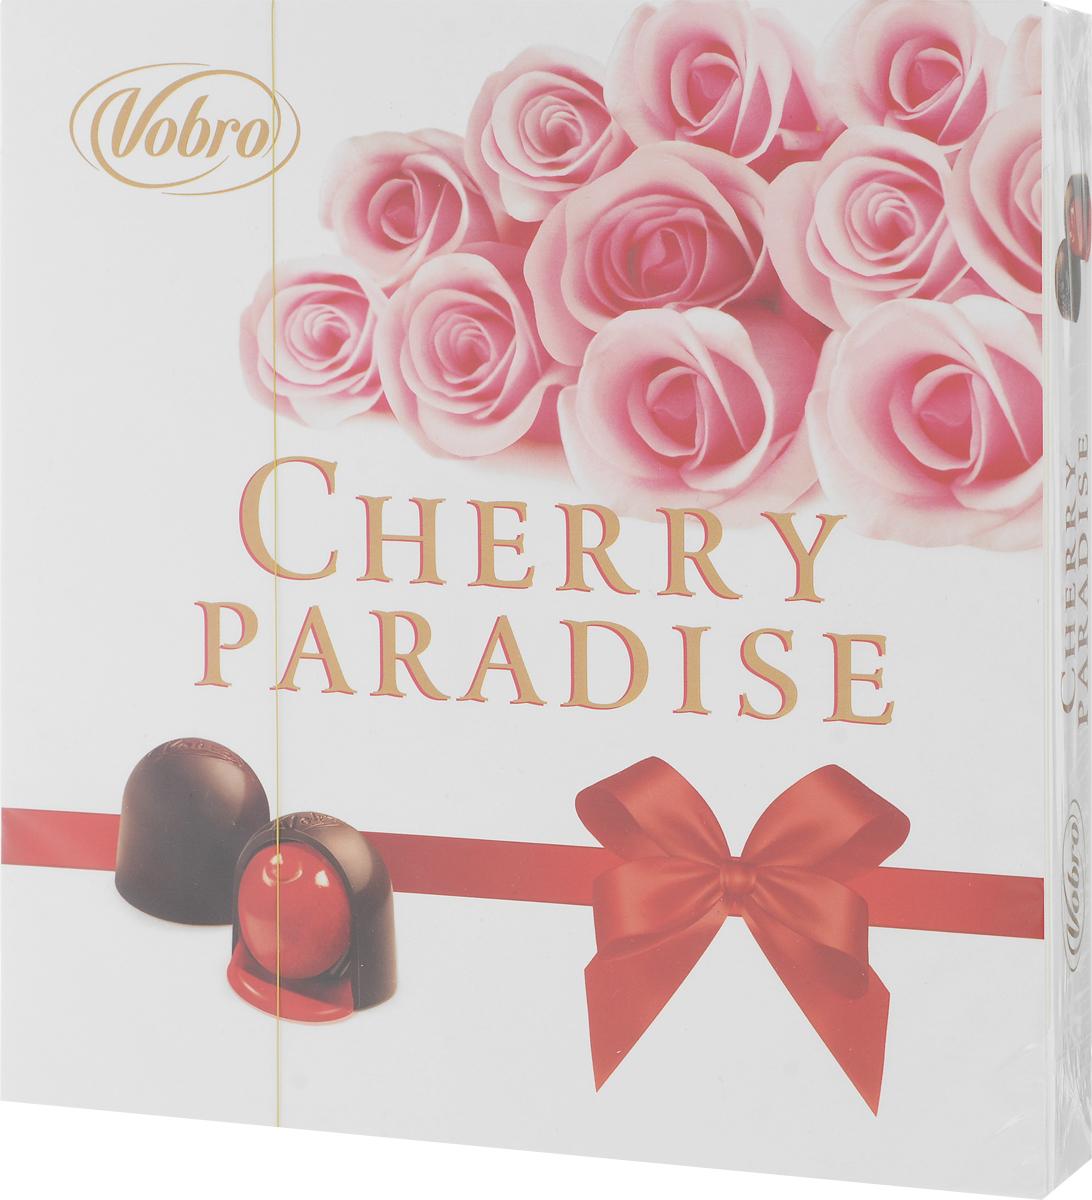 Vobro Cherry Paradise набор шоколадных конфет вишня в ликере, 105 г династия вишня в ликере шоколадные конфеты 210 г